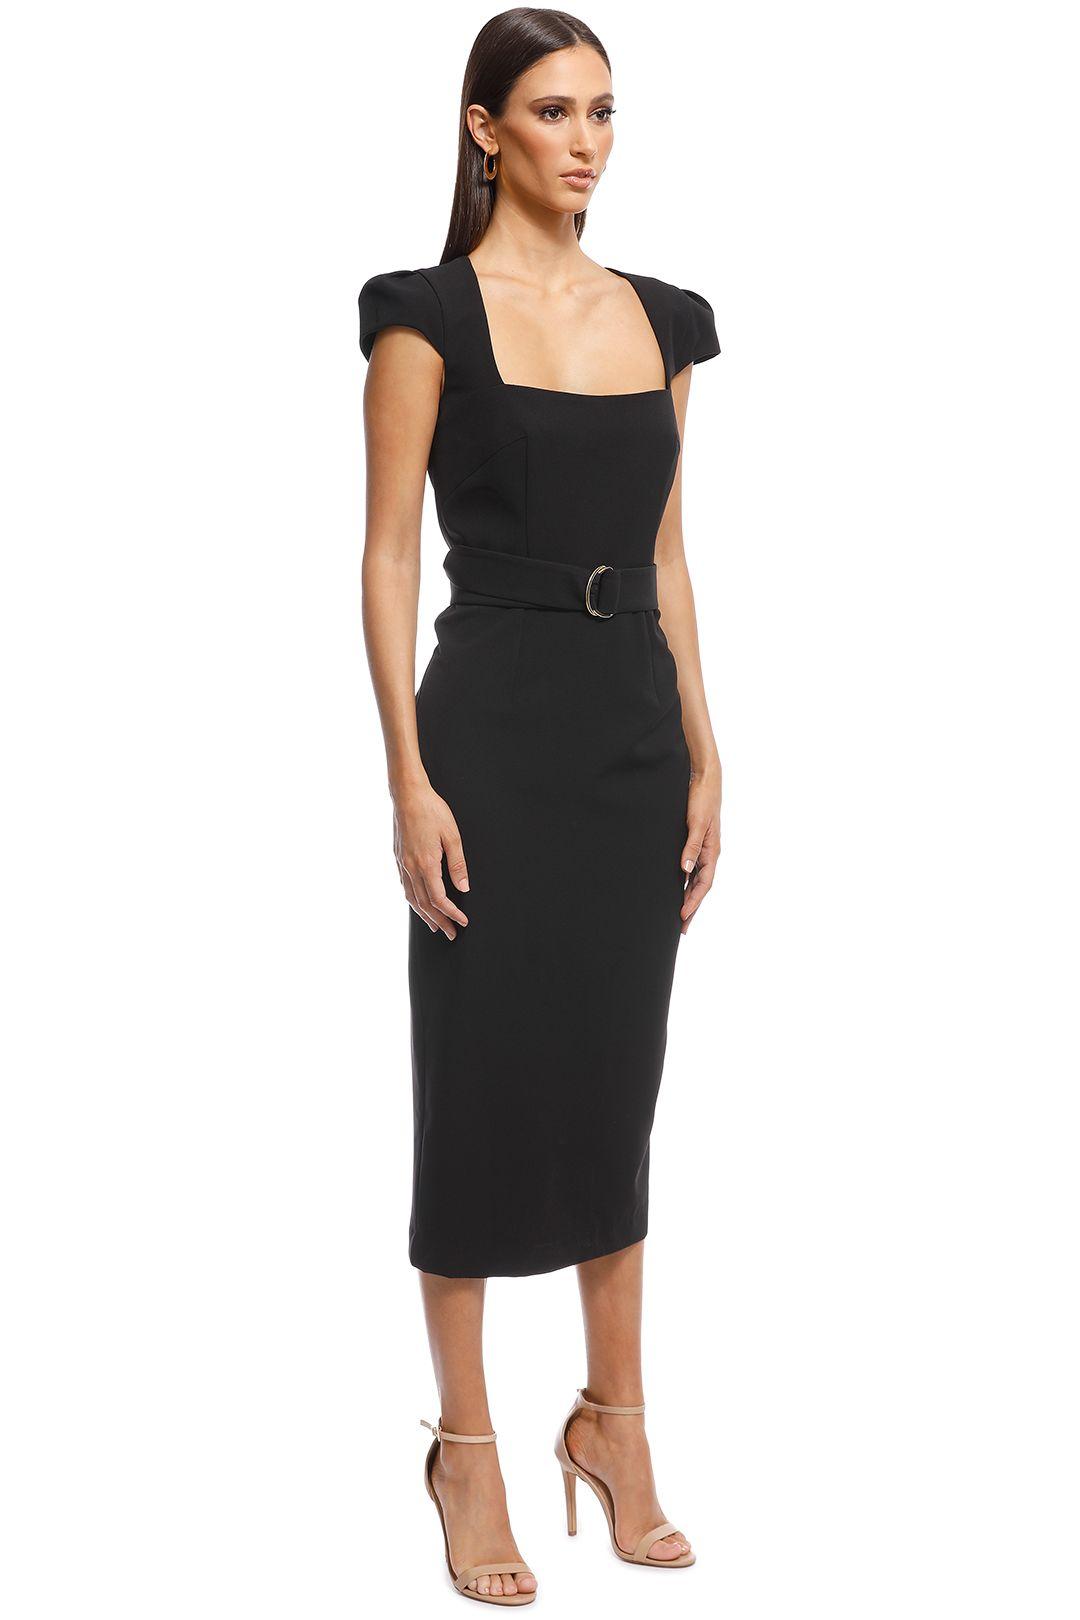 Unspoken - Audrey Dress - Black - Side